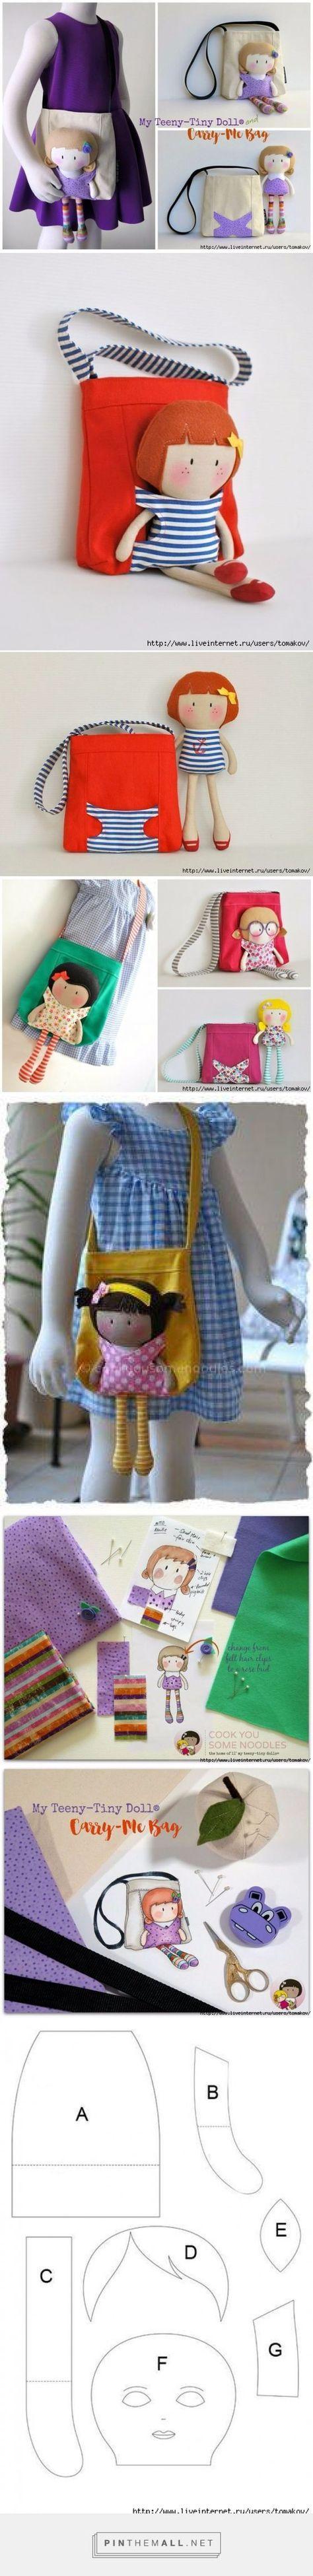 Olhem que ideia mimosa essa bolsa de menina. Que tal fazer para filha, sobrinha, afilhada...? Ou até mesmo para ganhar dinheiro.                                                                                                                                                     Mais